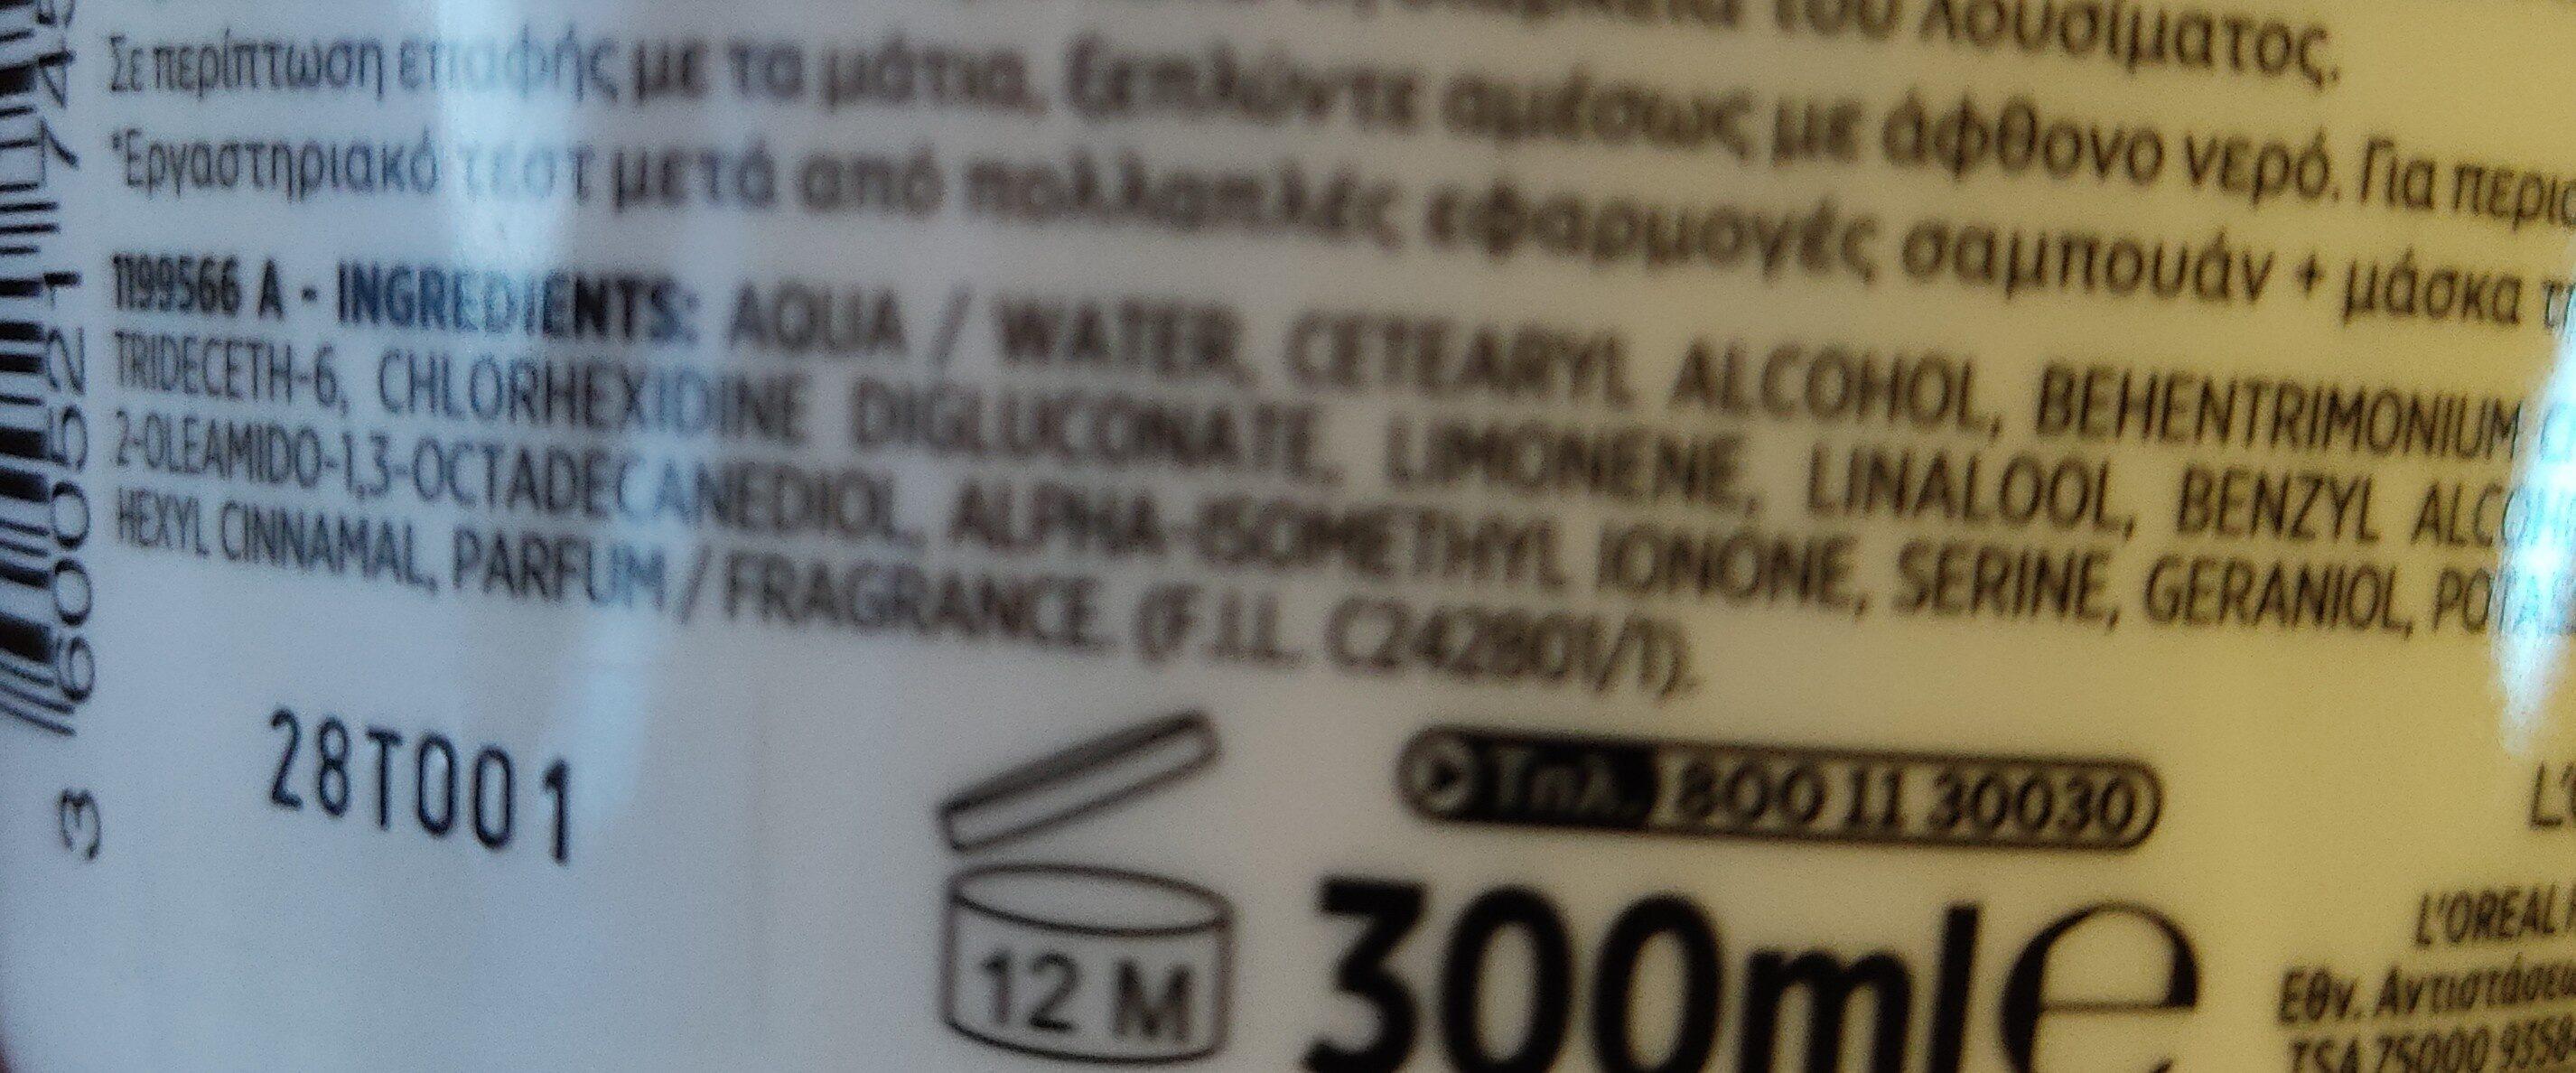 loreal - Ingredients - en